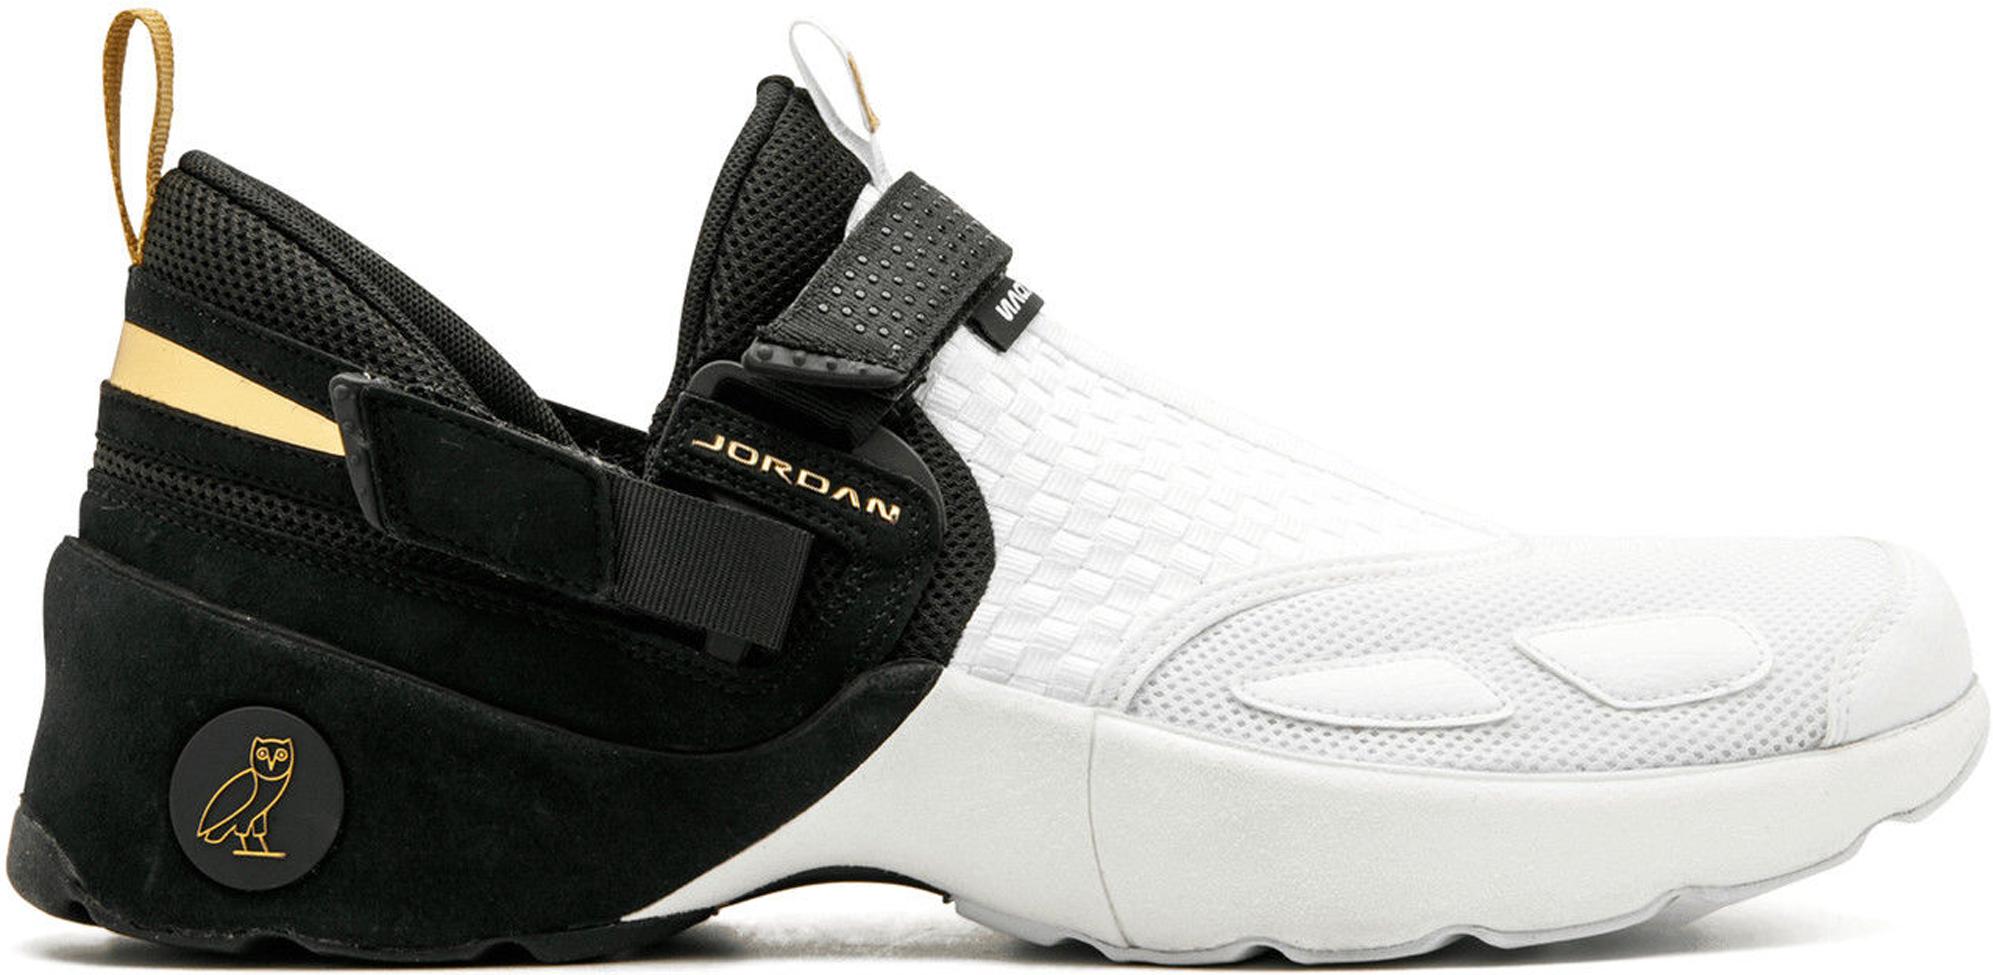 Jordan Trunner LX OVO Black White